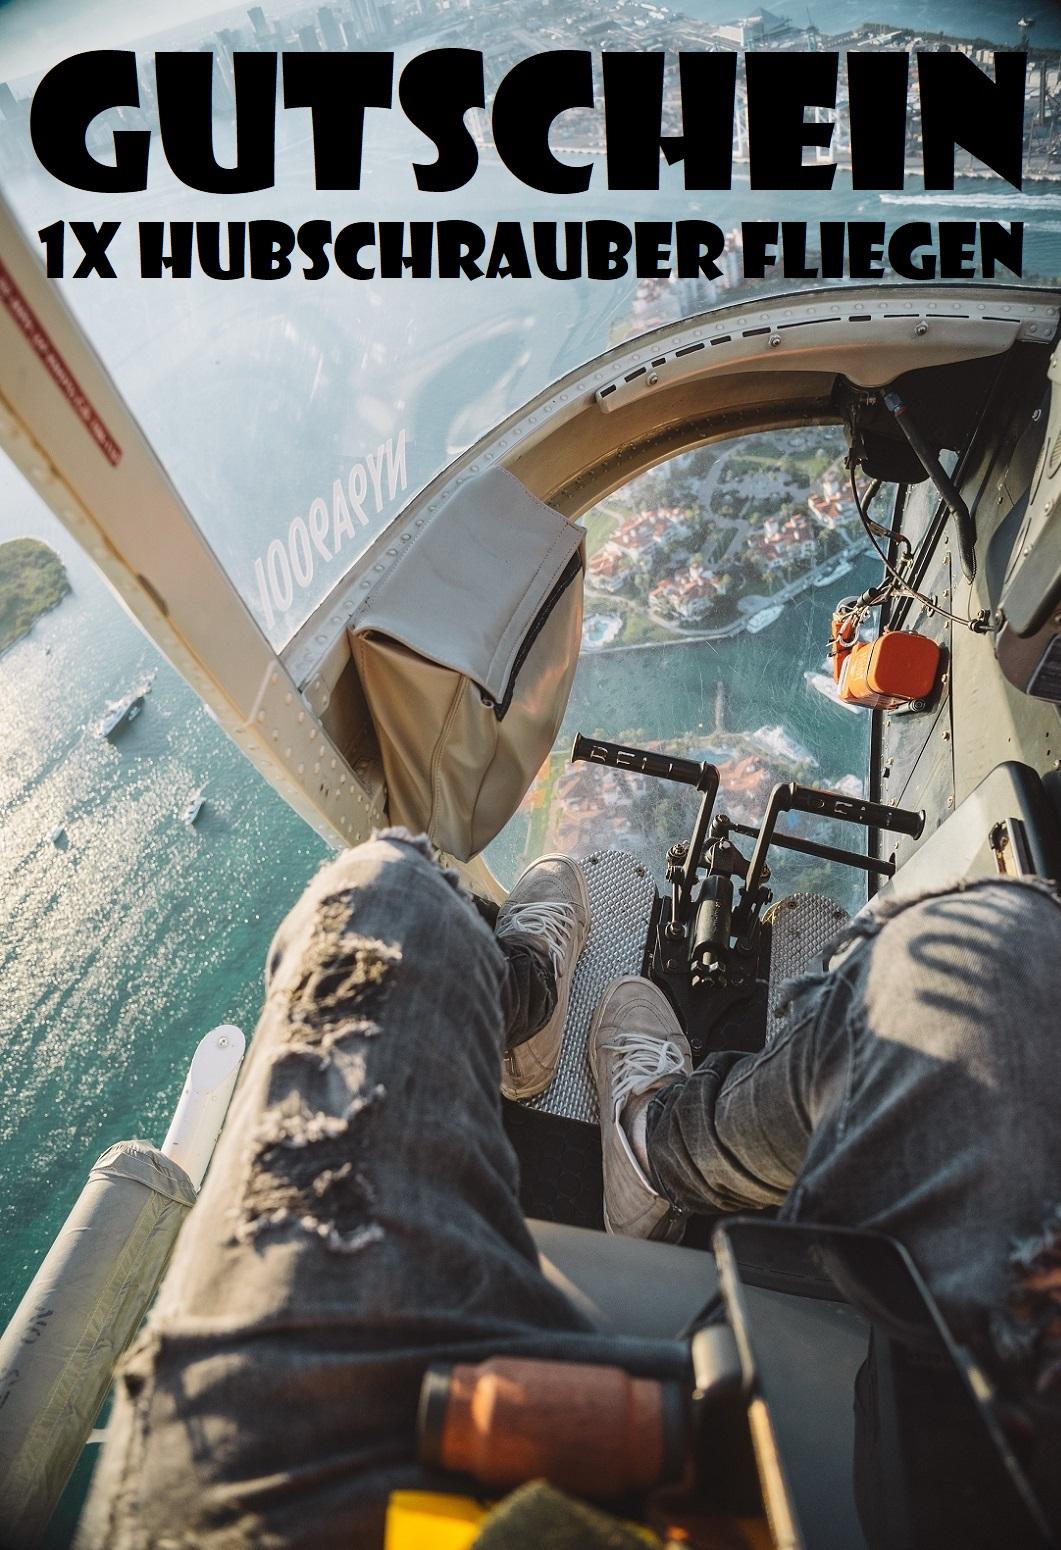 Gutscheinvorlage fürs Helikopter selbst fliegen